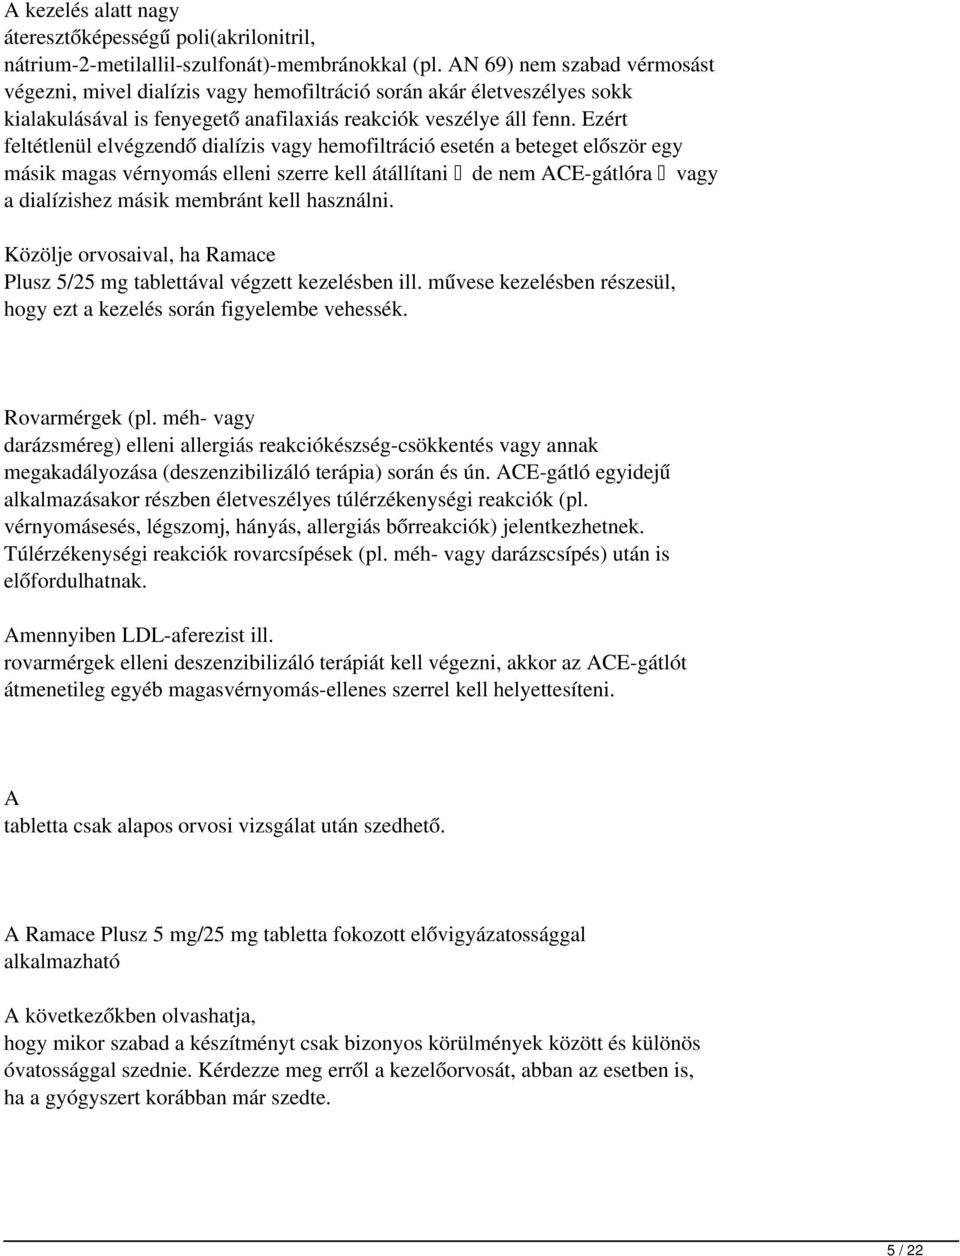 metformin magas vérnyomás esetén)